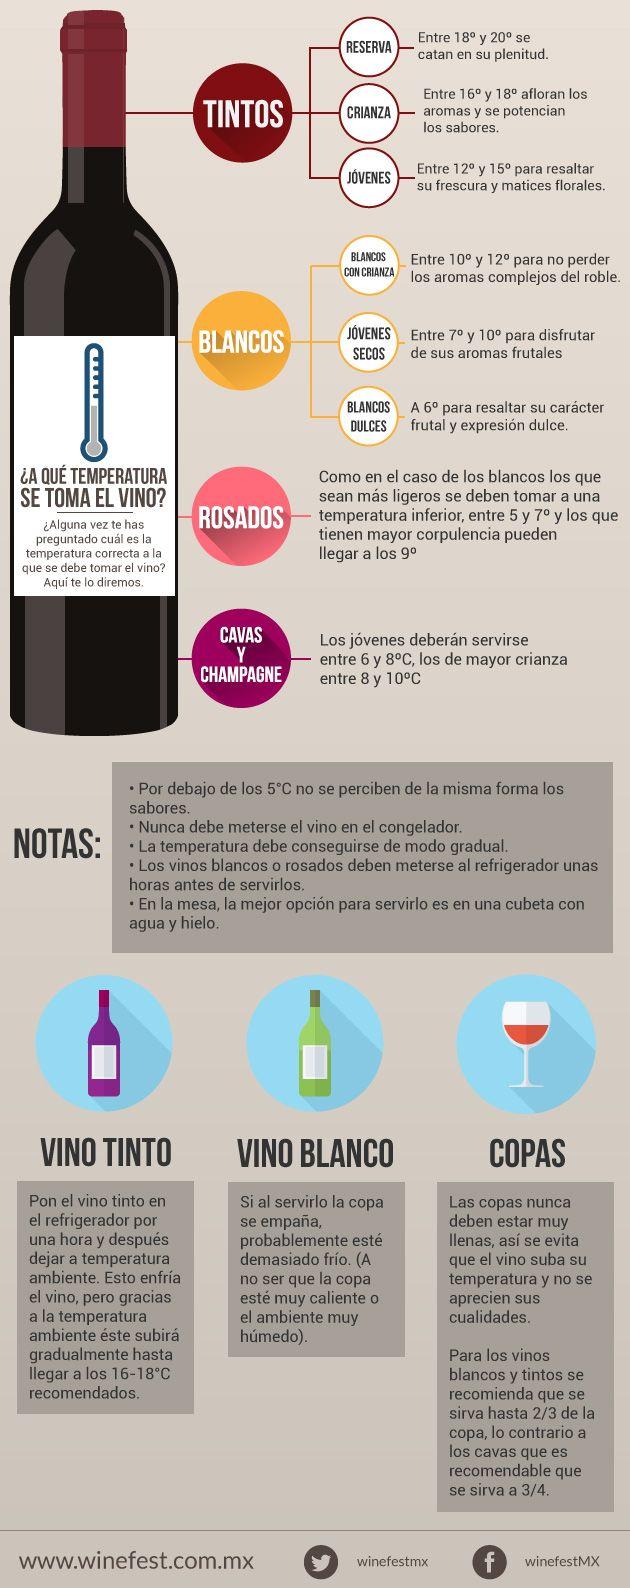 ¿Sabías que por debajo de los 5°C no se perciben de la misma forma los sabores de un buen vino? Si alguna vez te has preguntado cuál es la temperatura correcta a la que se debe tomar el vino, ¡aquí te lo diremos!